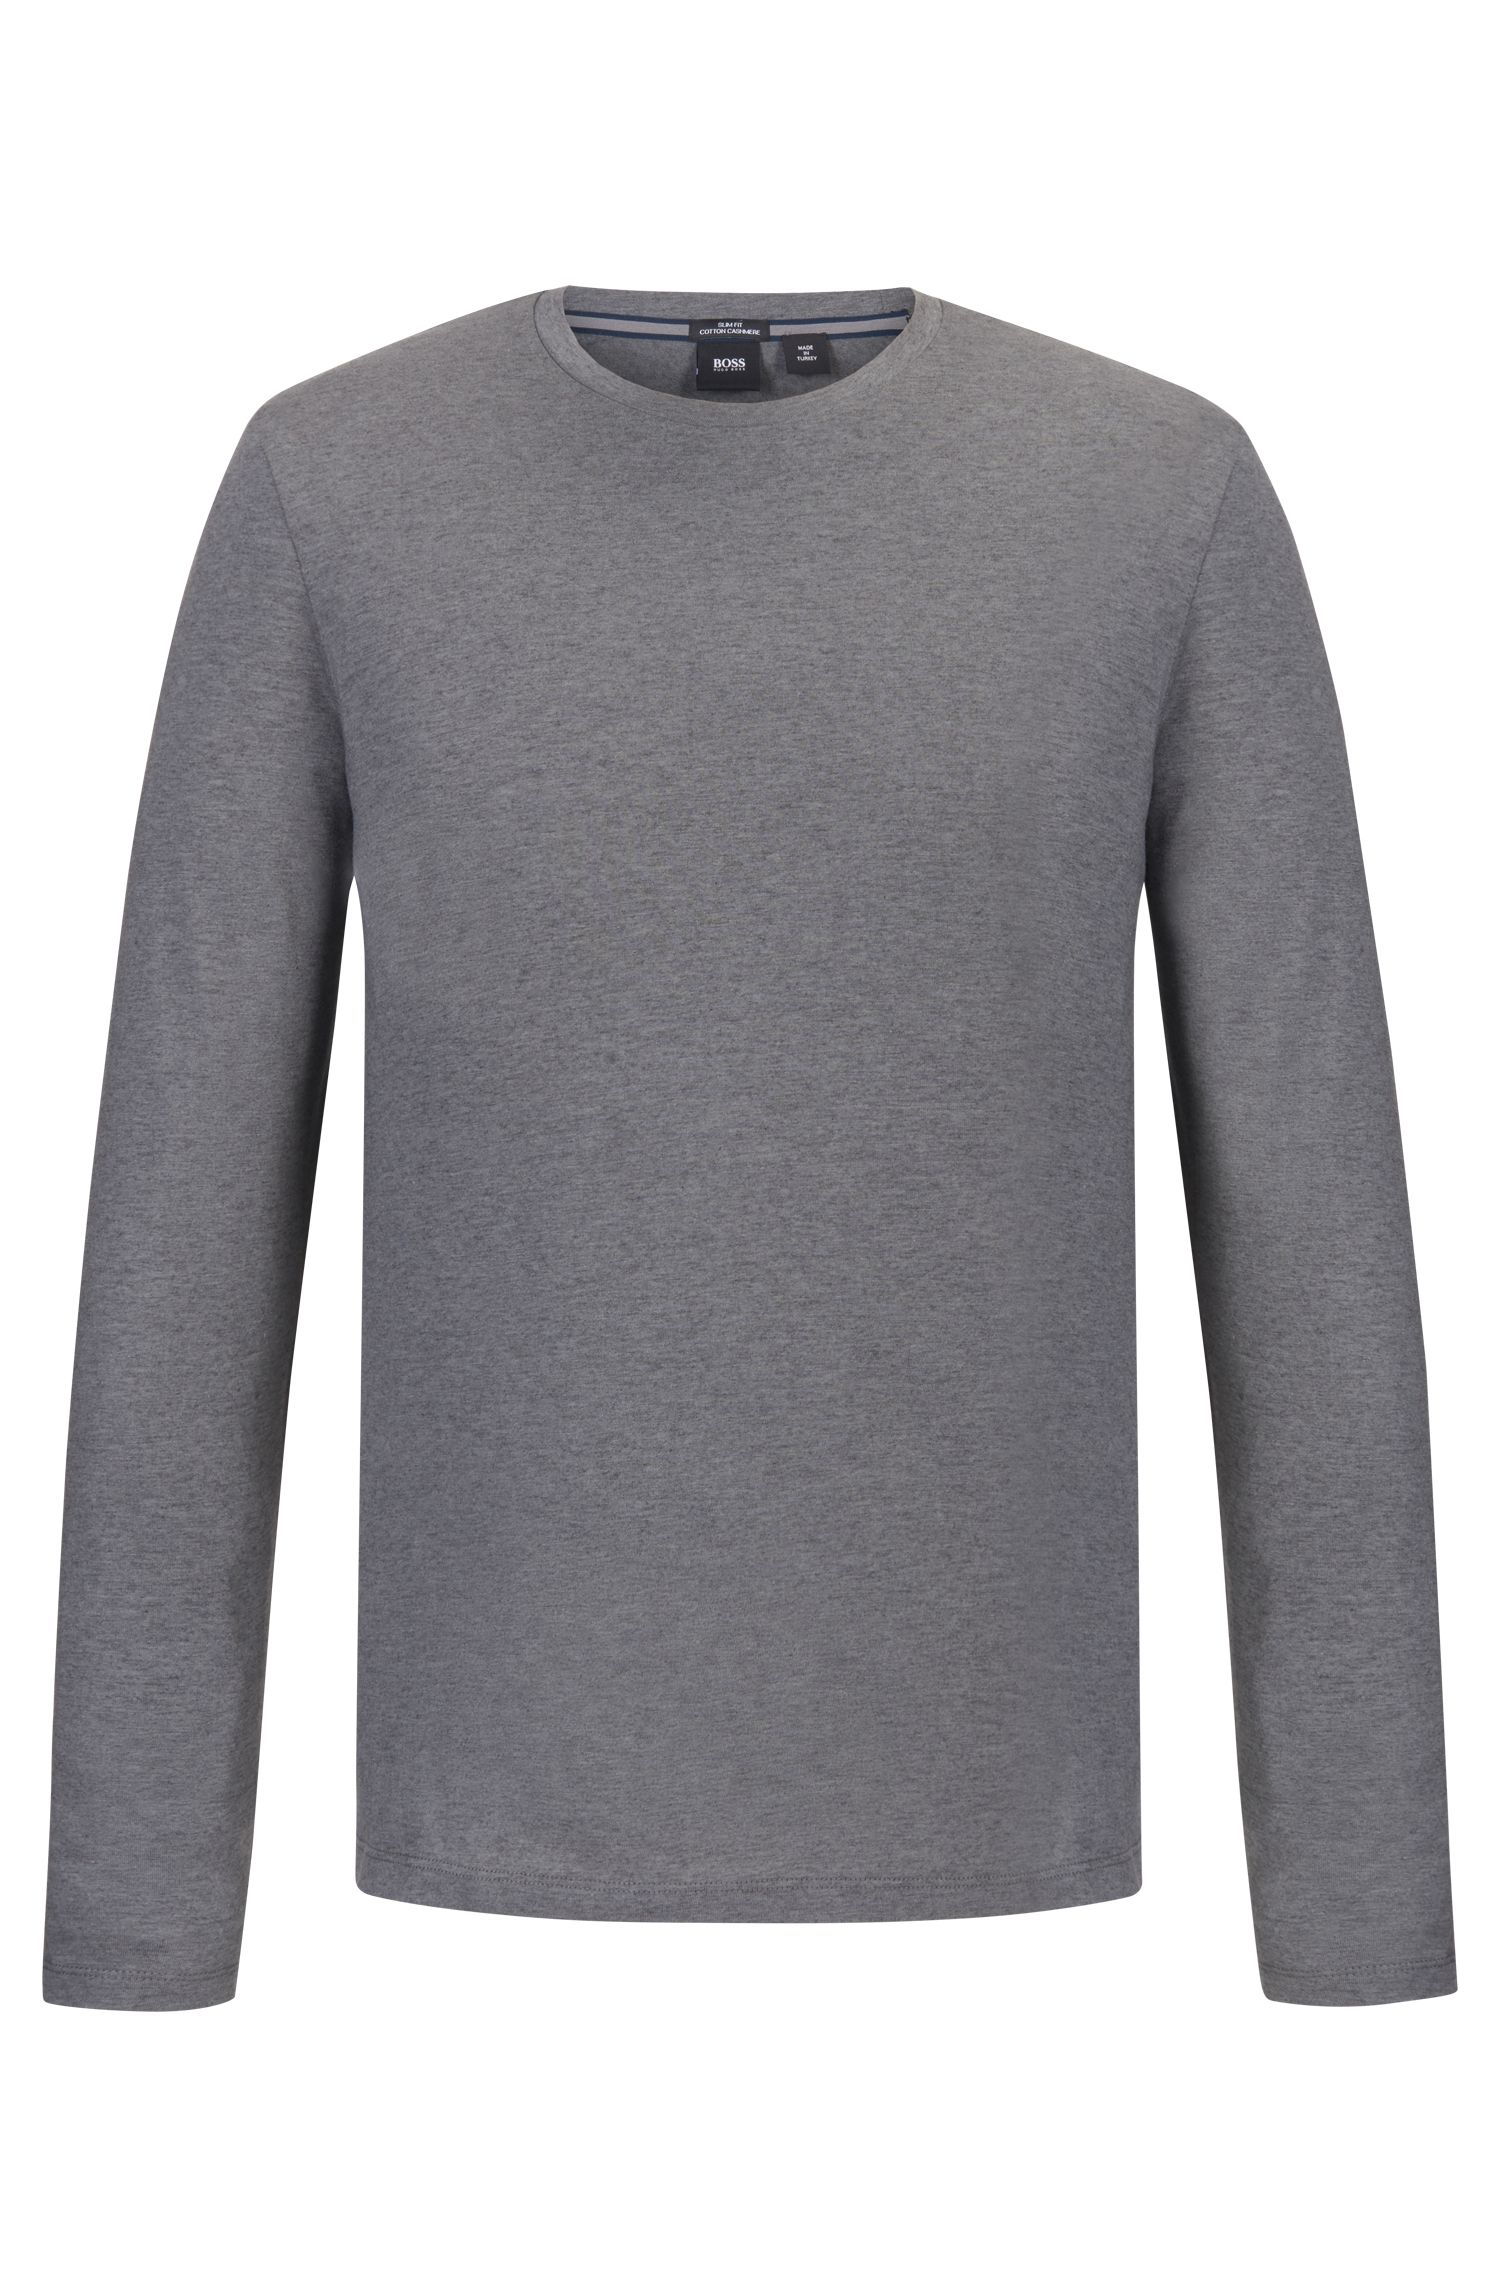 Cotton-Cashmere T-Shirt | Tenison